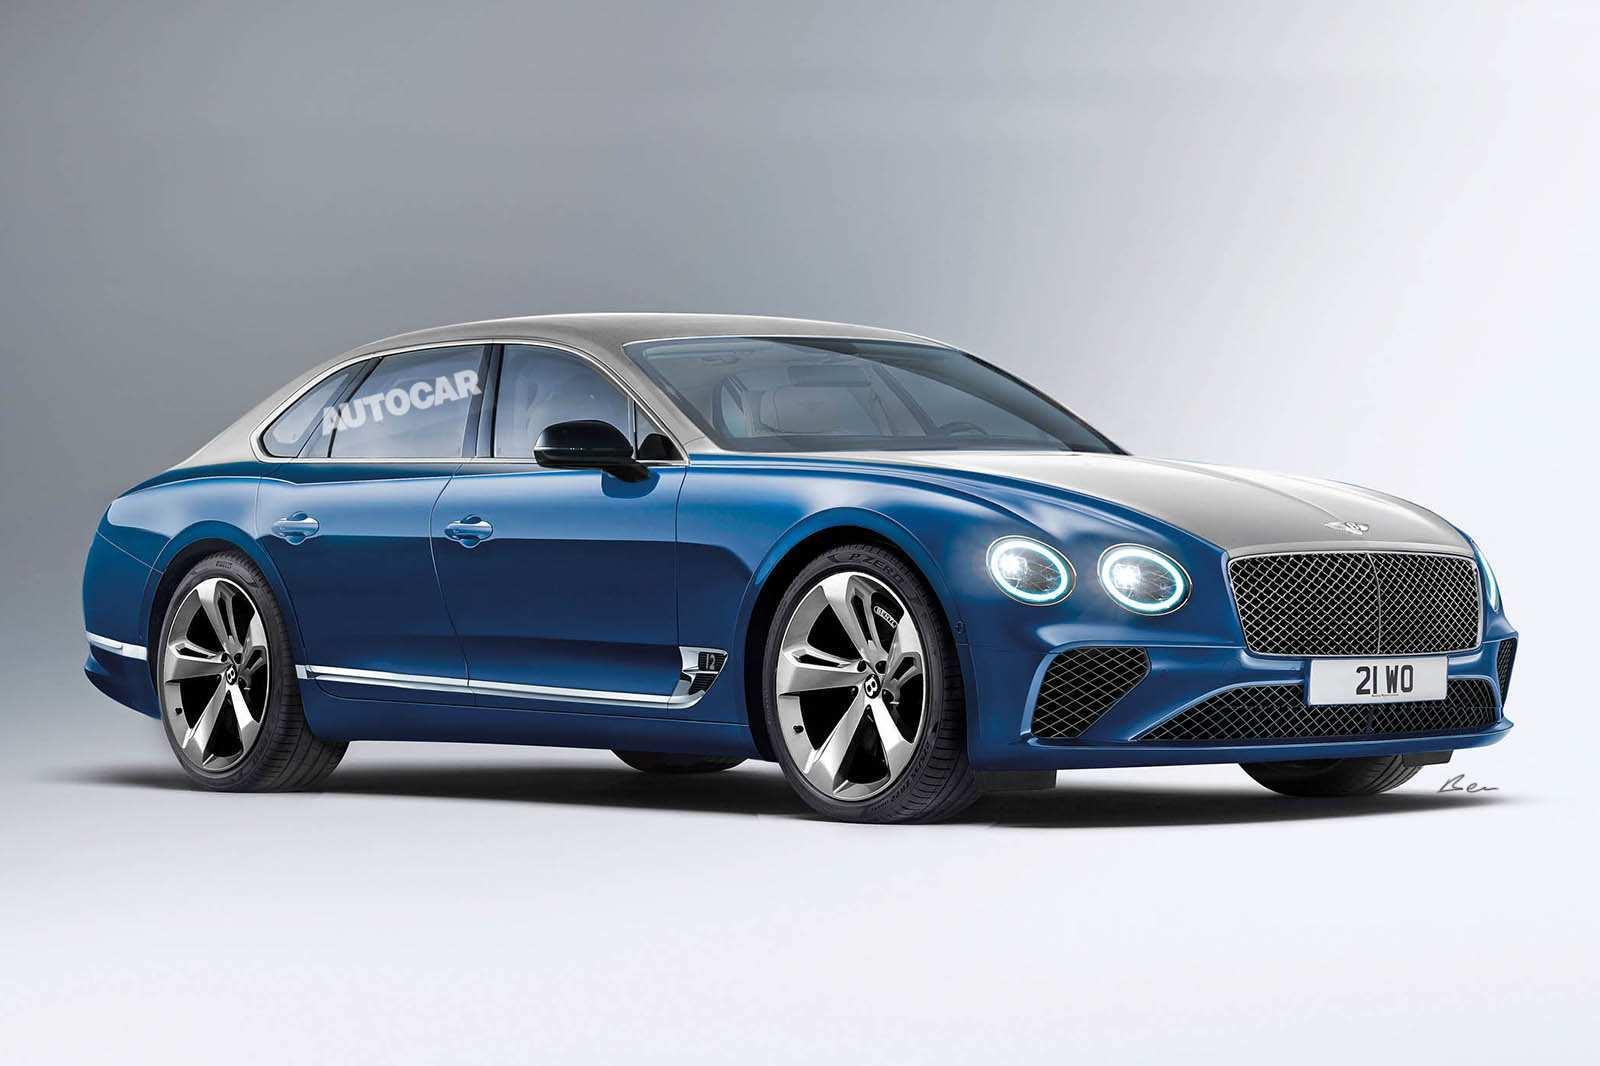 14 Best Review 2020 Bentley Muslane Picture with 2020 Bentley Muslane